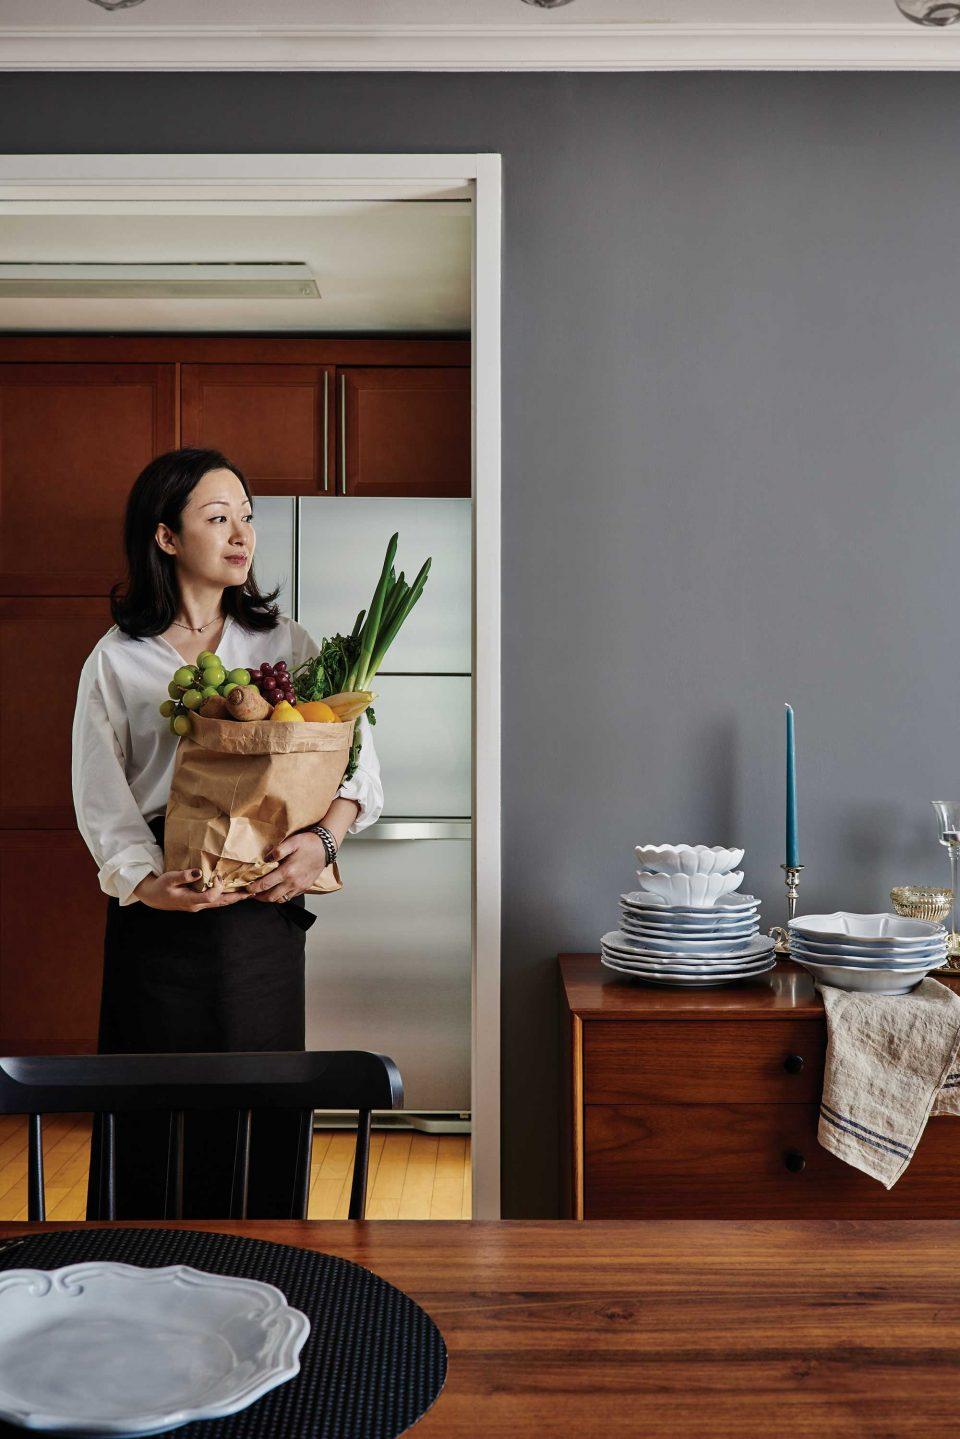 요리를 준비하는 과정도 즐겁다고 말하는윤원정 이사. 완성될 음식을 상상하며 장보는 것을 좋아한다.